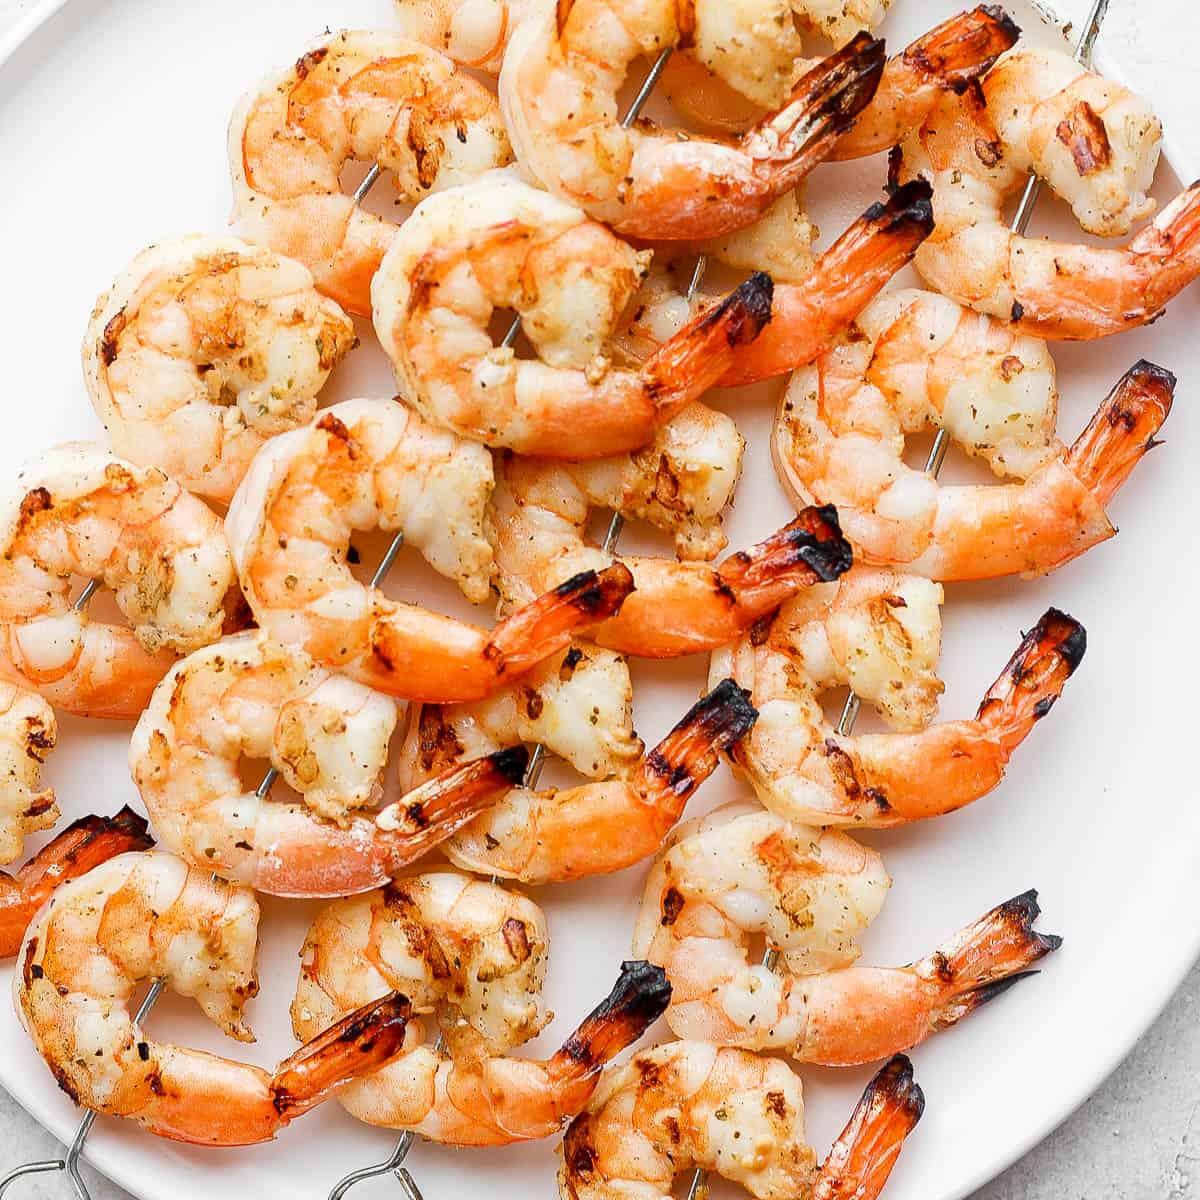 grilled shrimp on skewers.